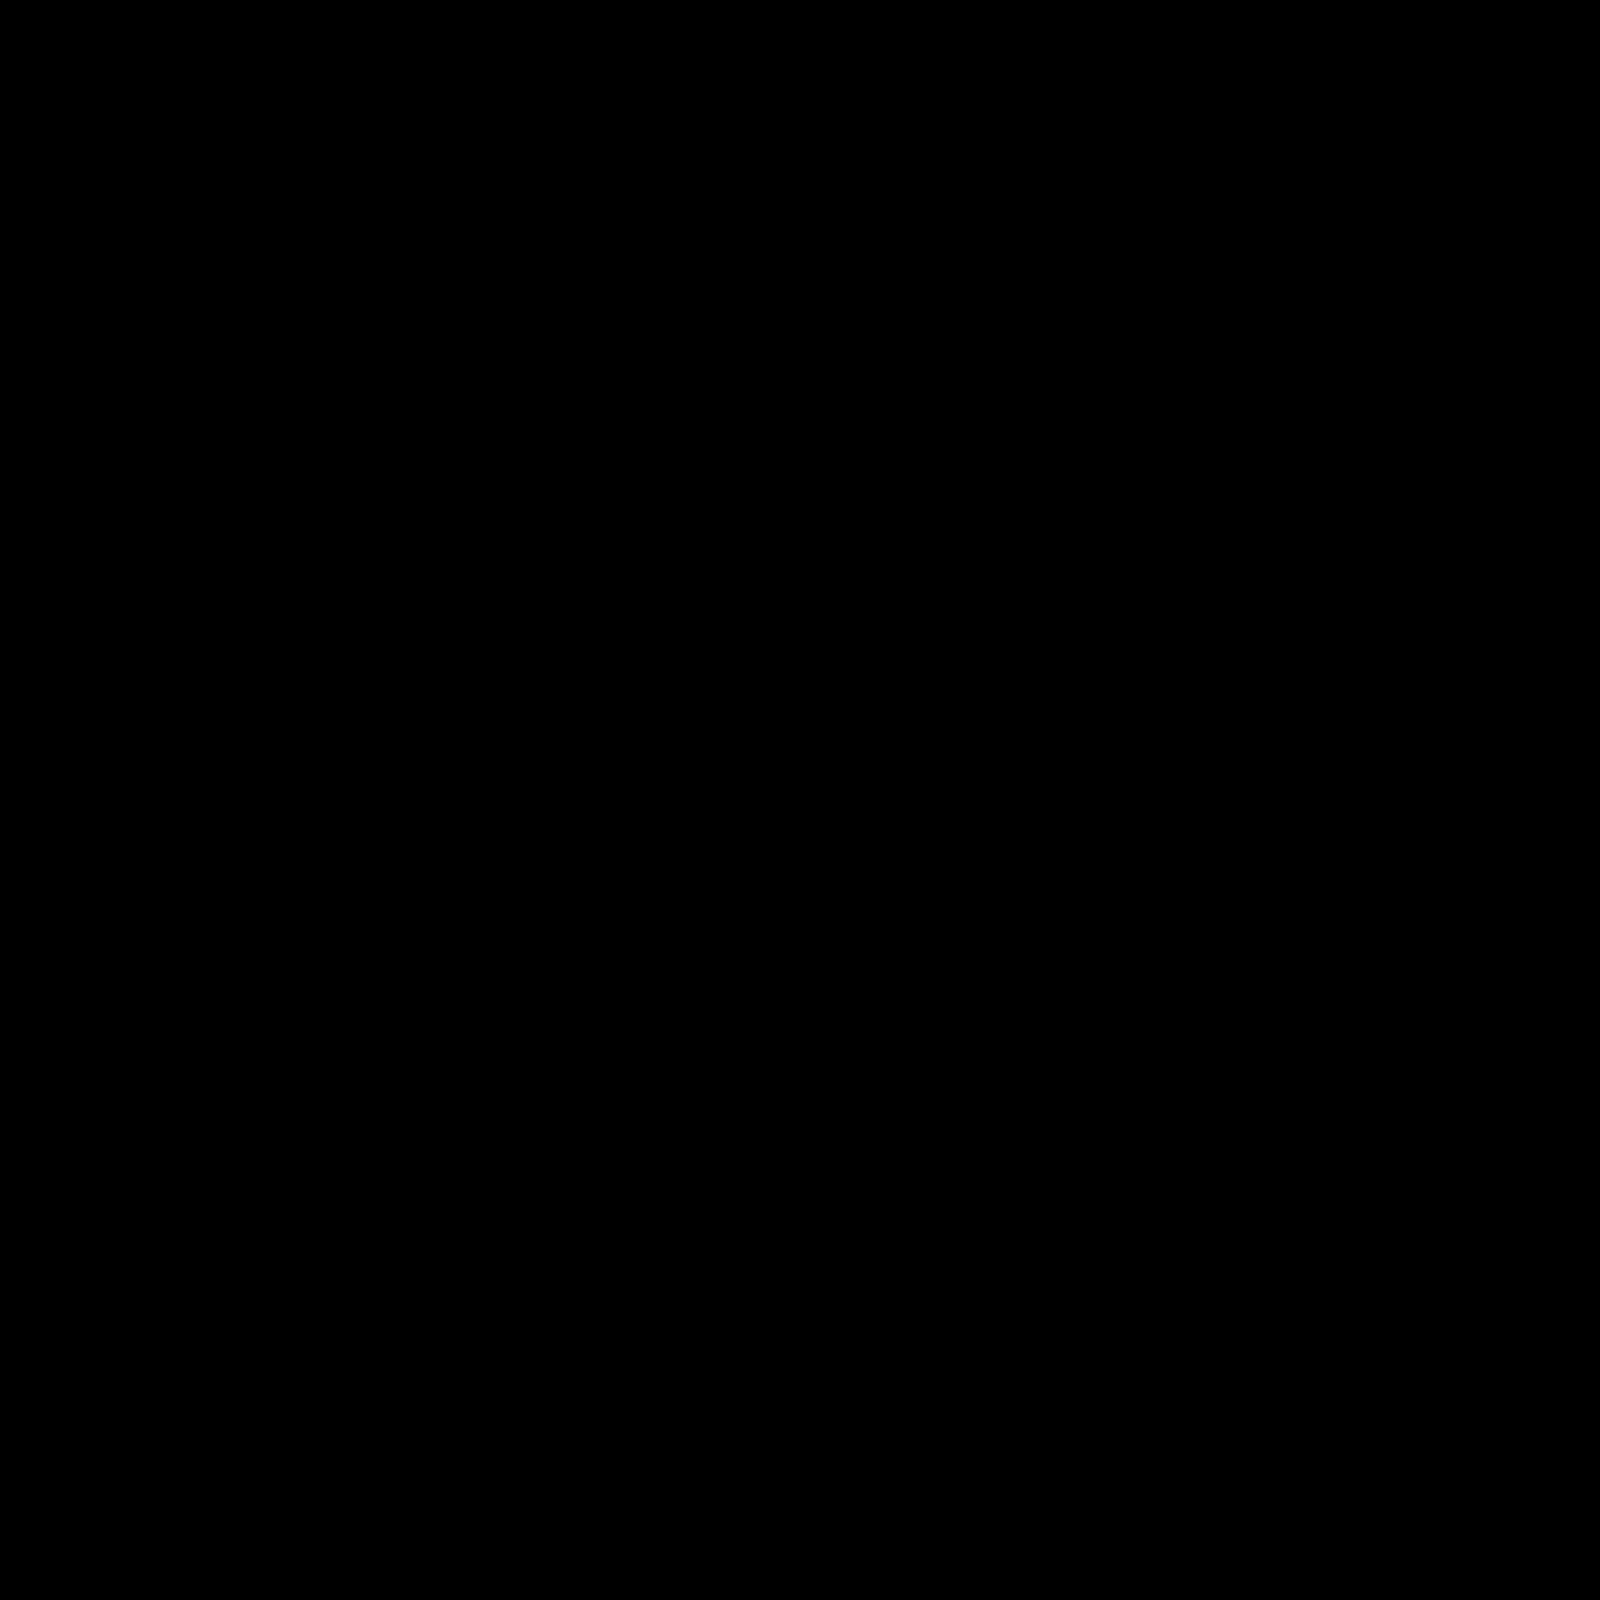 Błysk icon